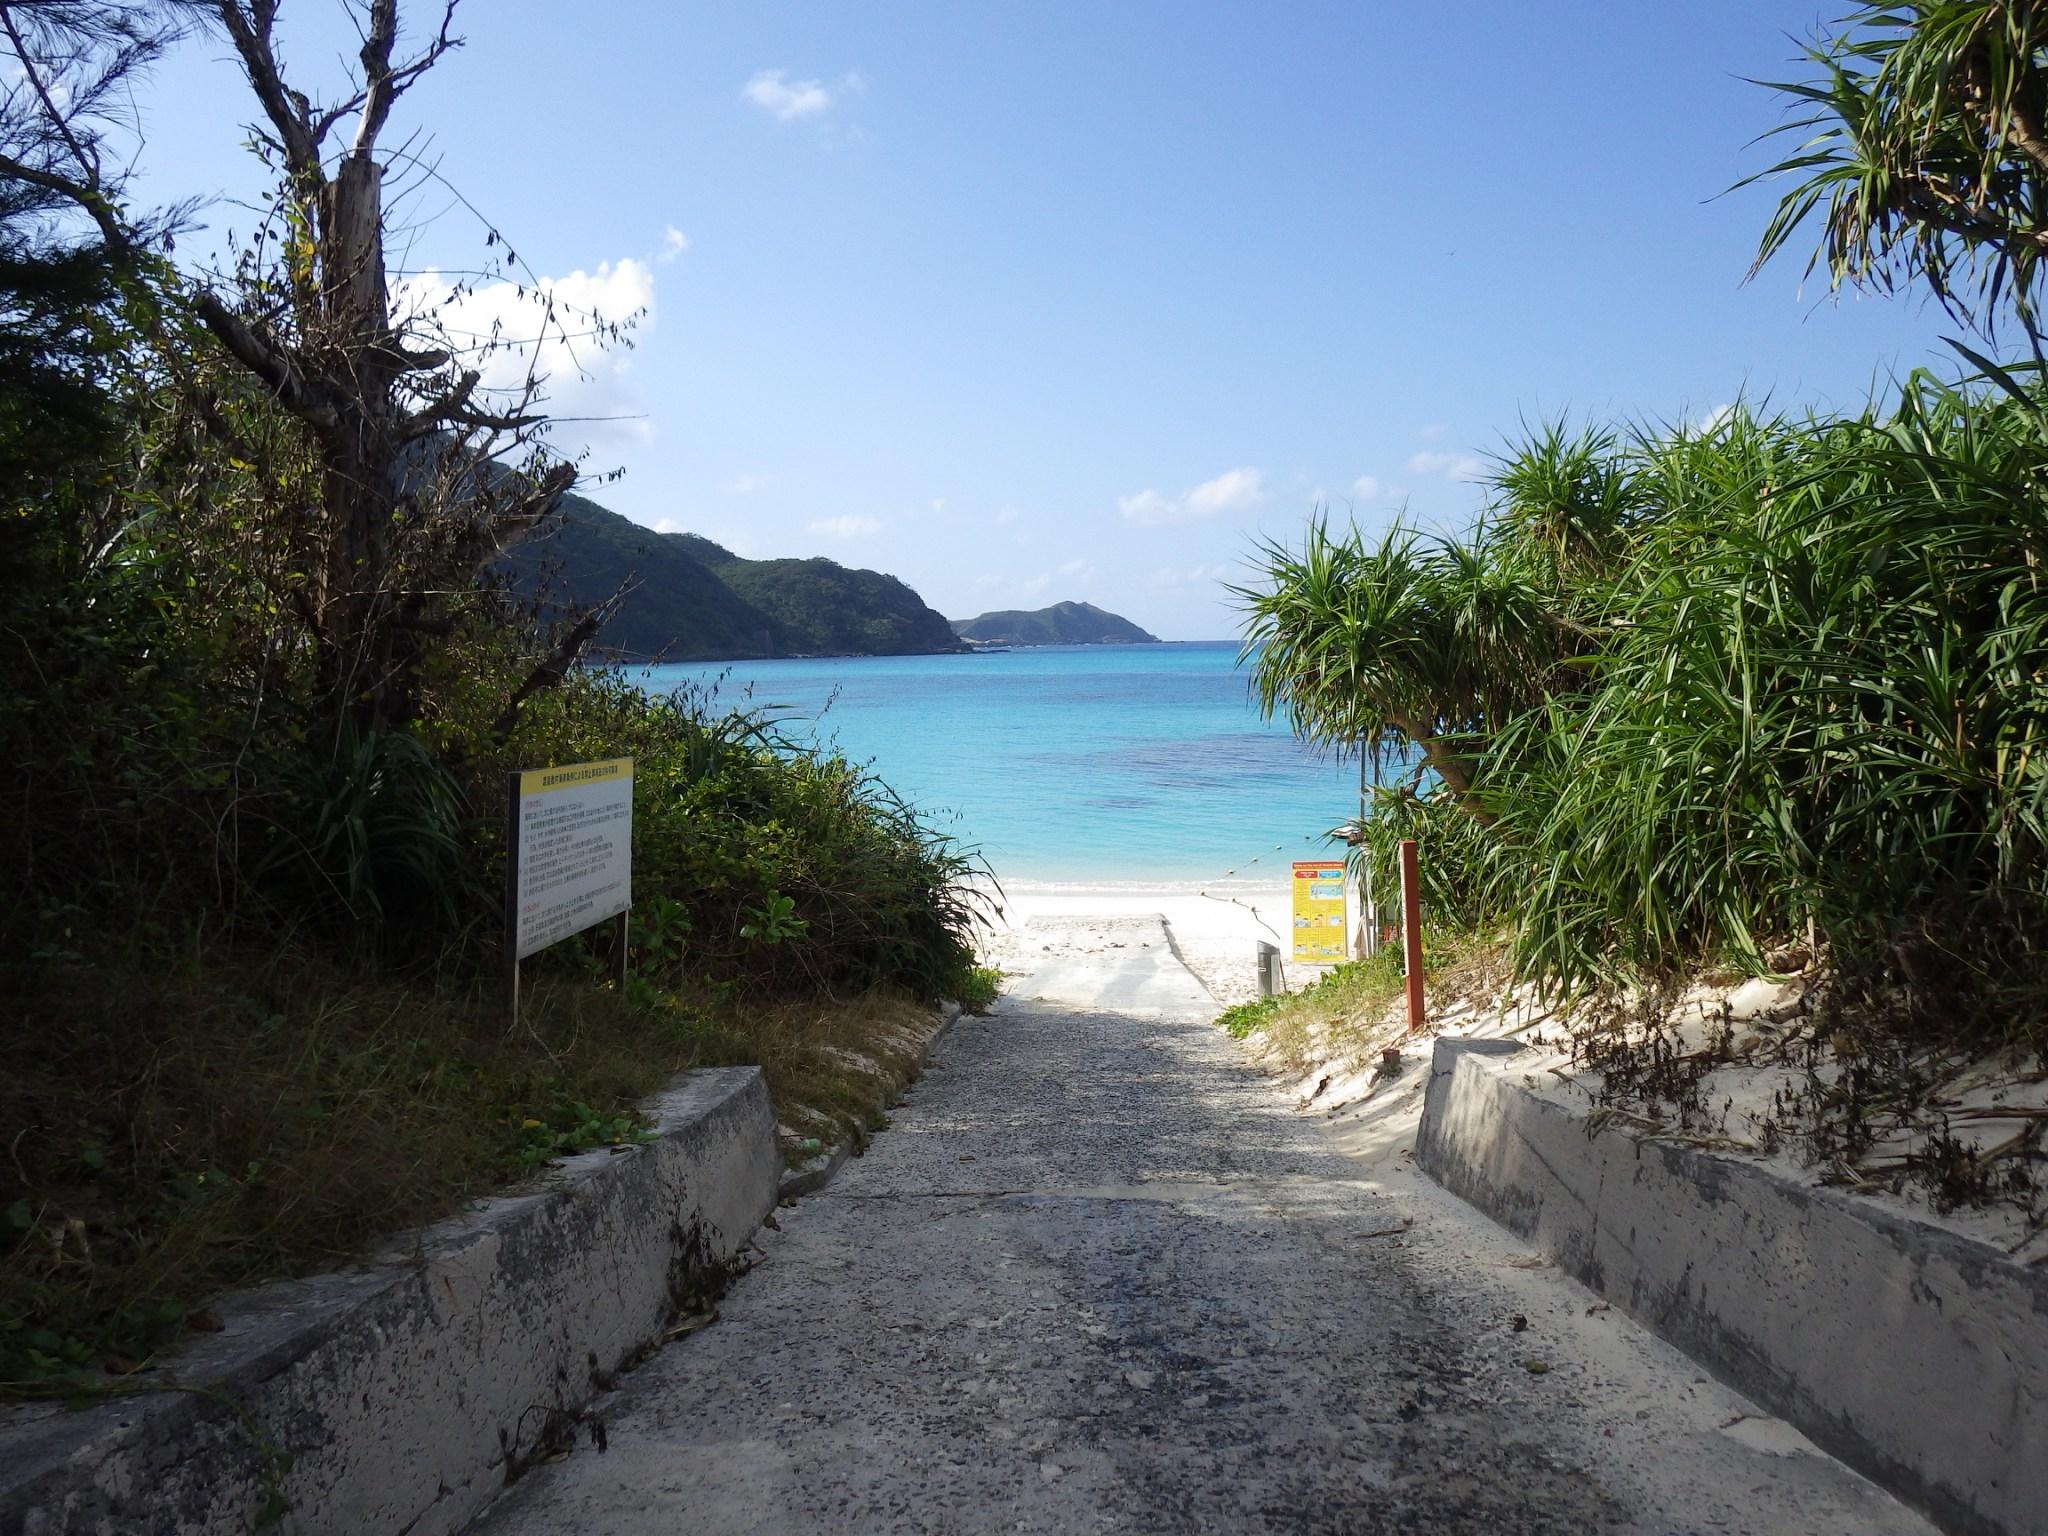 沖縄ダイビング旅行。渡嘉敷島「リーフイン国吉」がおすすめ!